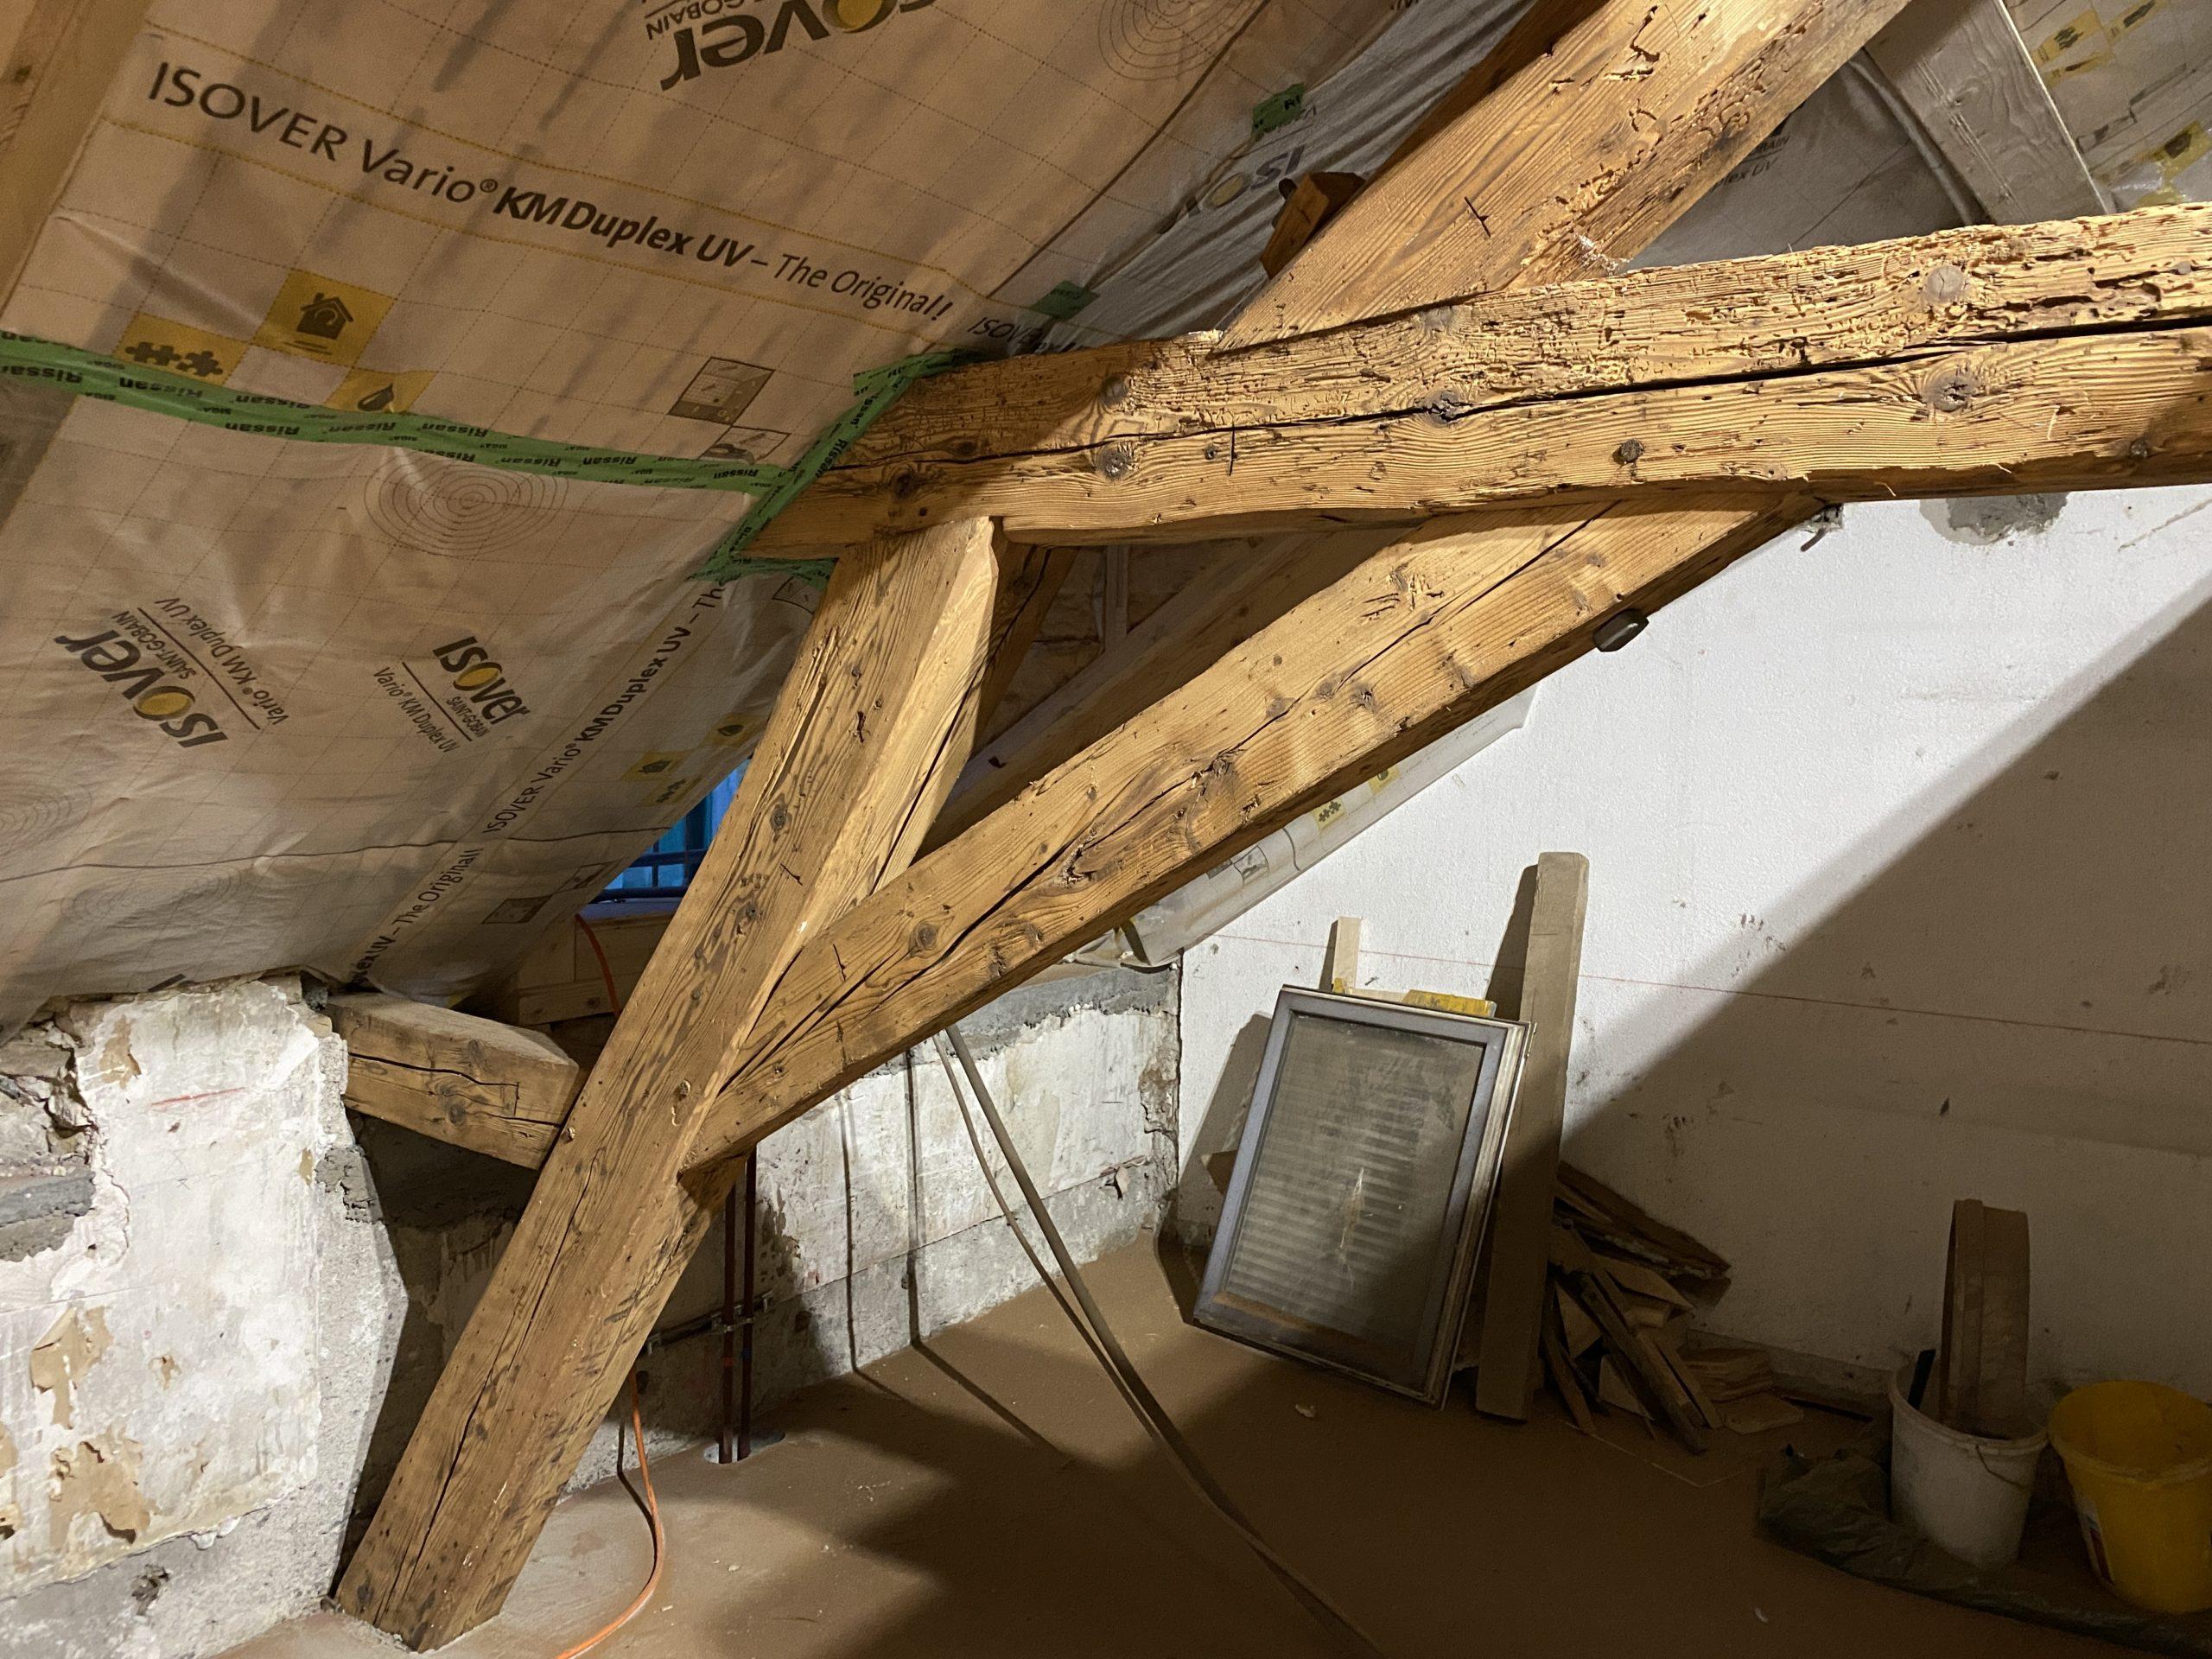 l'aérogommage permet de retirer la teinte foncée, et de redonner au bois un charme ancien